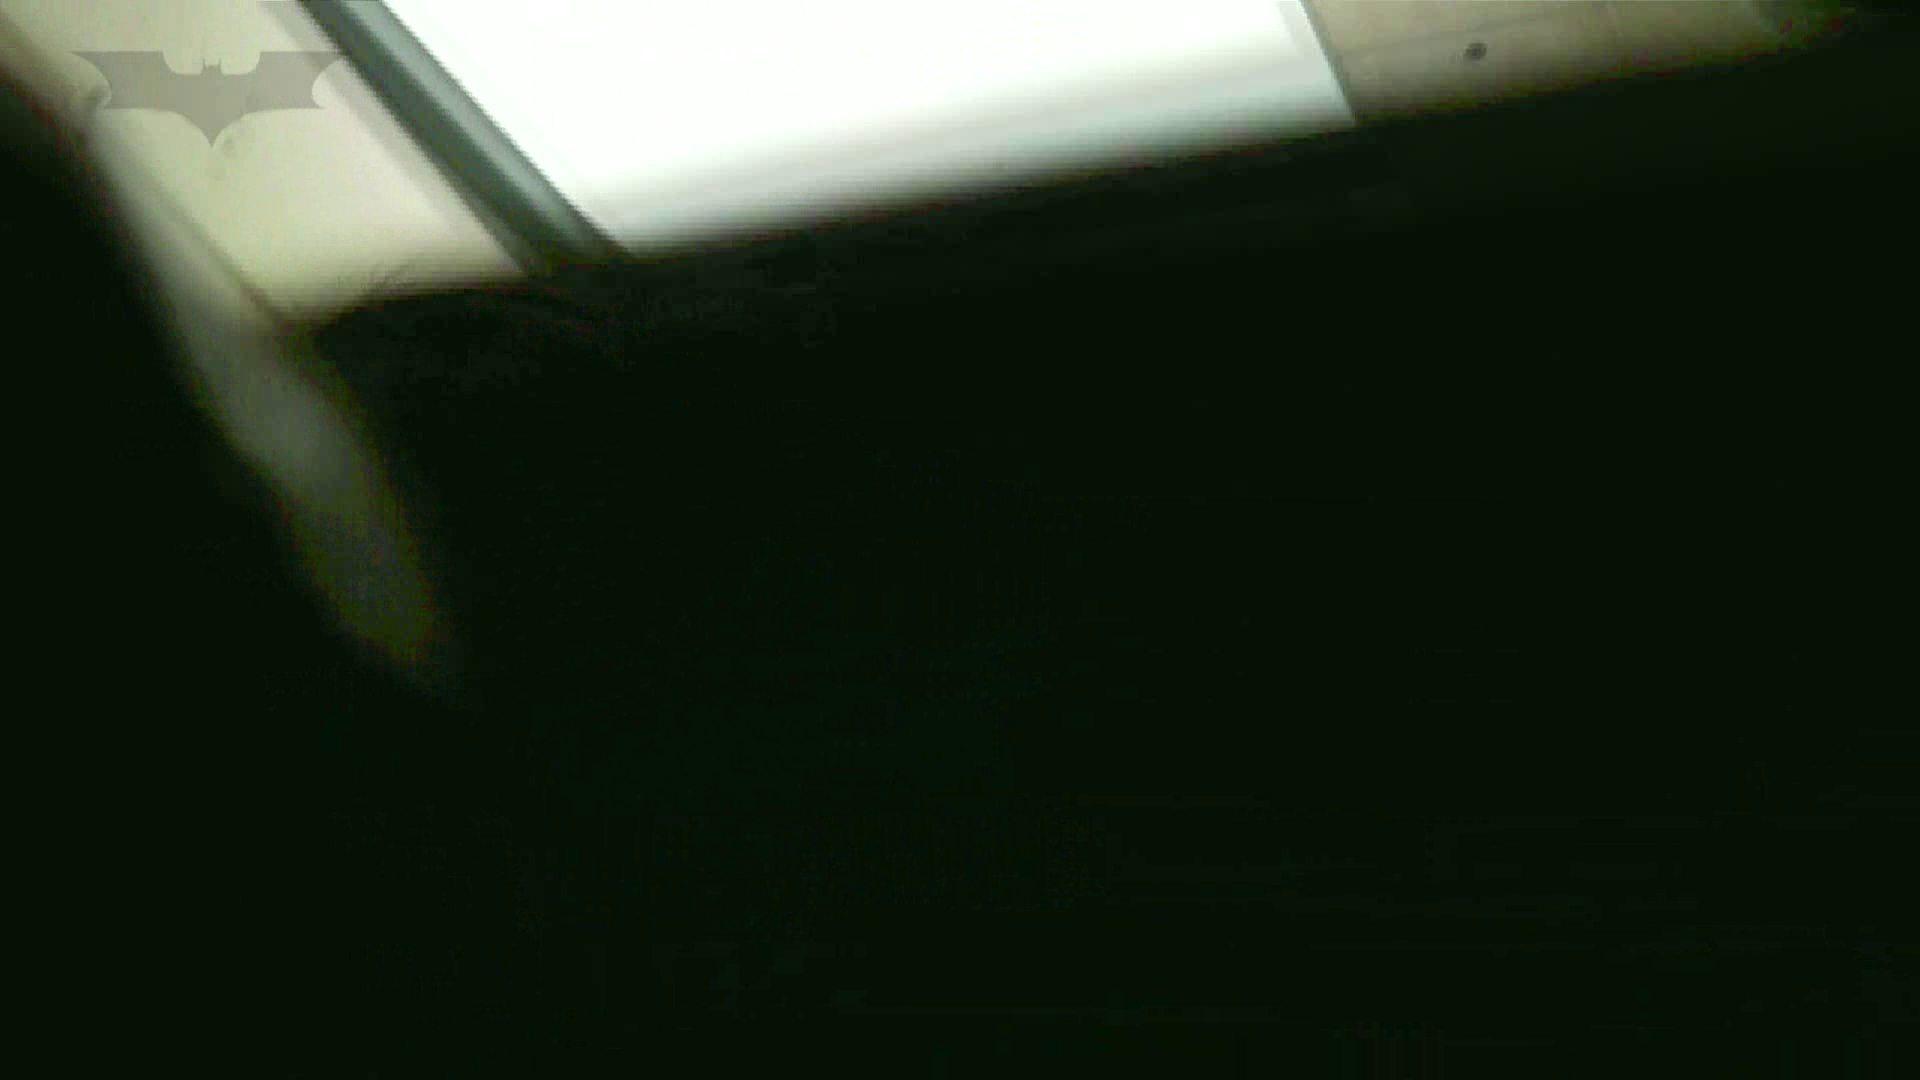 ステーション編 vol.29 頭二つ飛び出る180cm長身モデル 洗面所 スケベ動画紹介 67画像 24